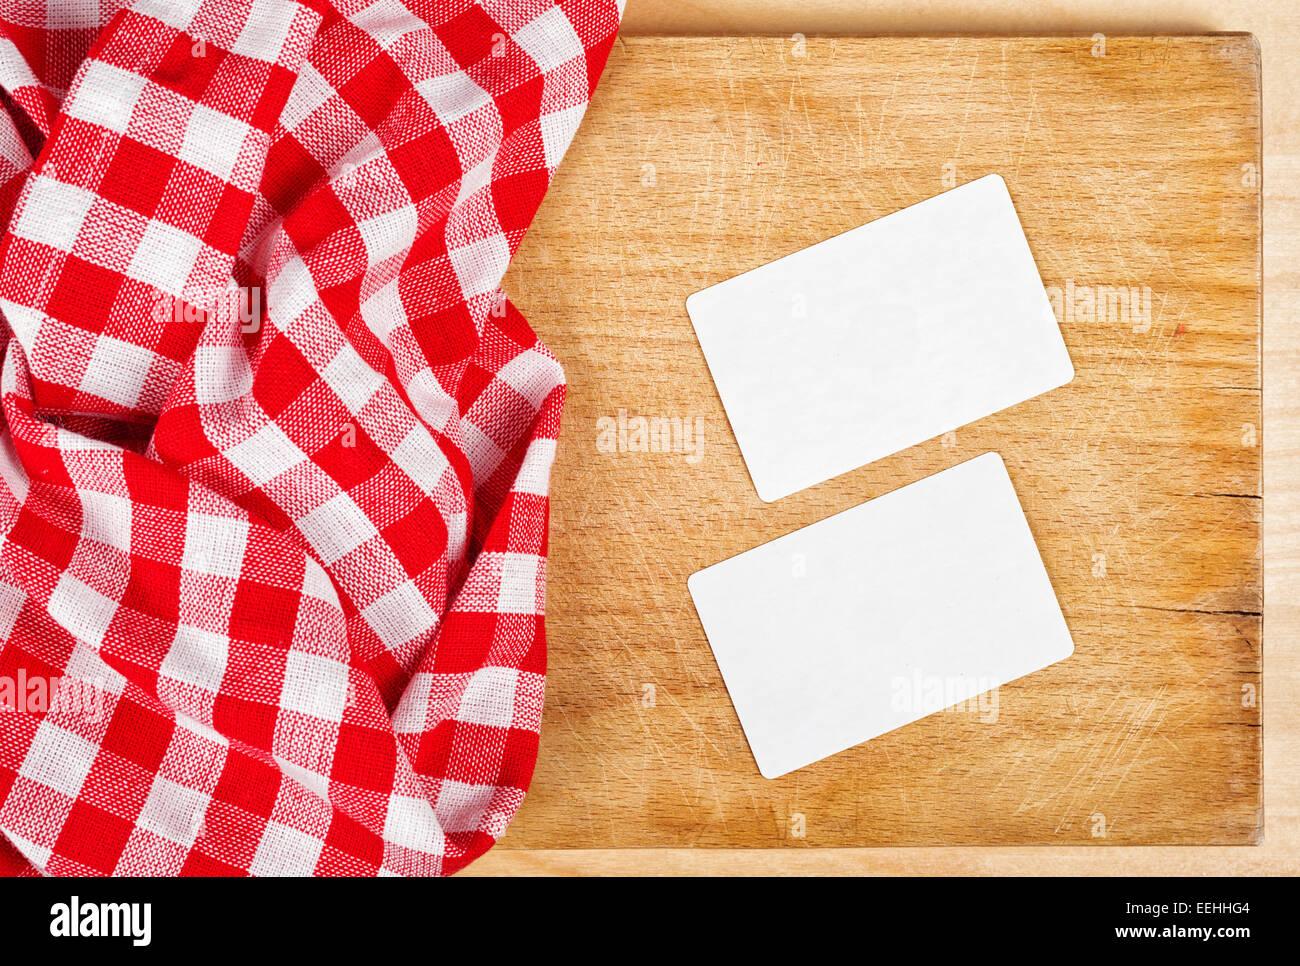 Cards Back Side Stockfotos & Cards Back Side Bilder - Alamy